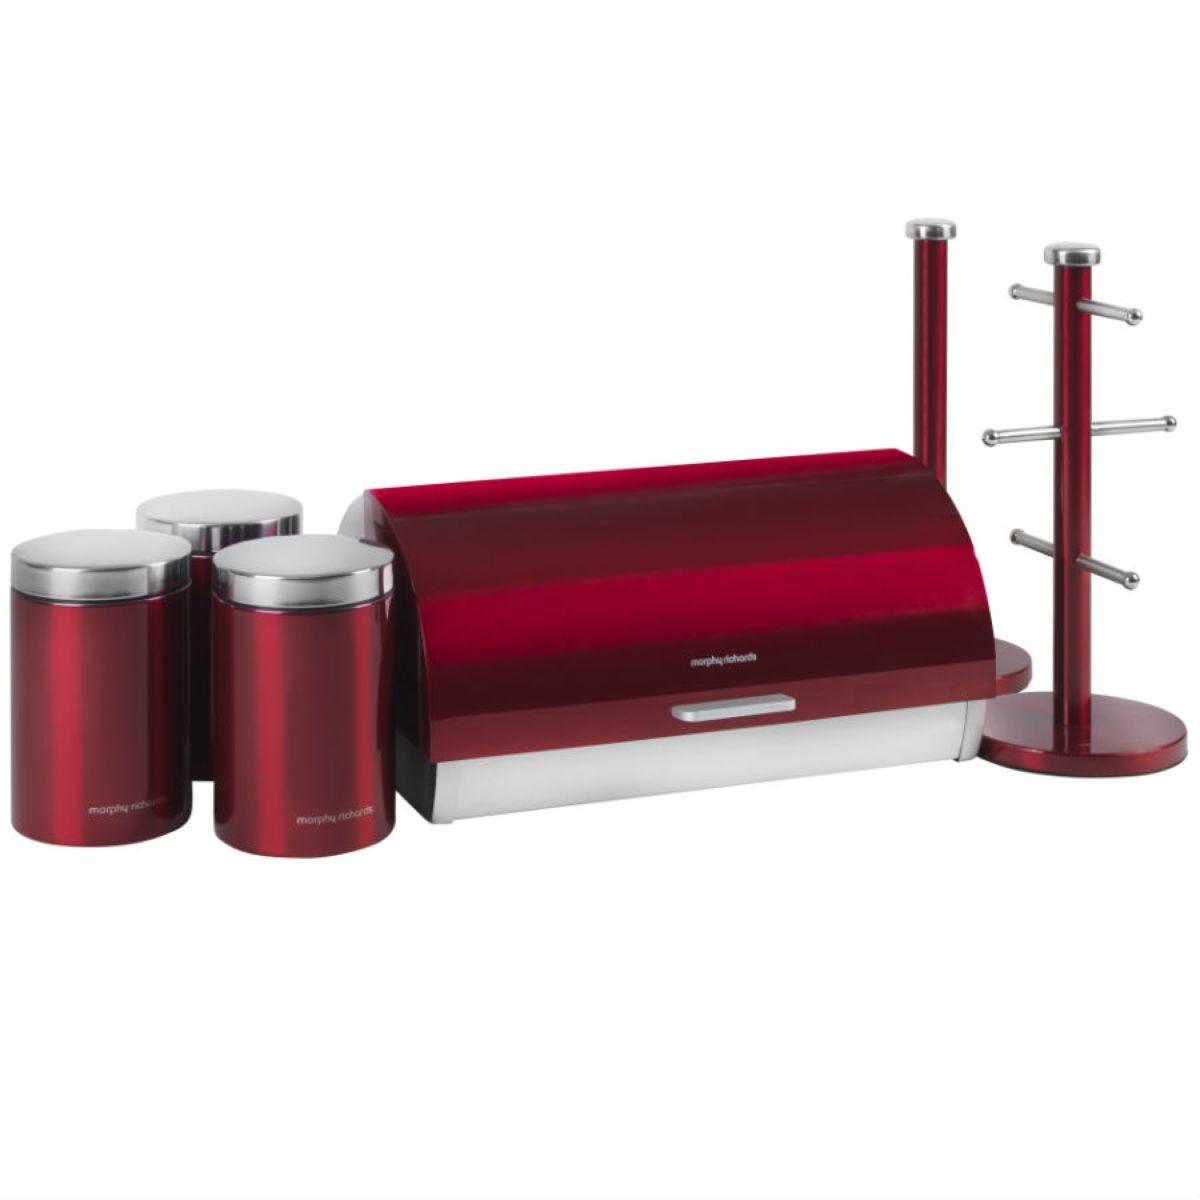 Morphy Richards 6-Piece Kitchen Storage Set - Red